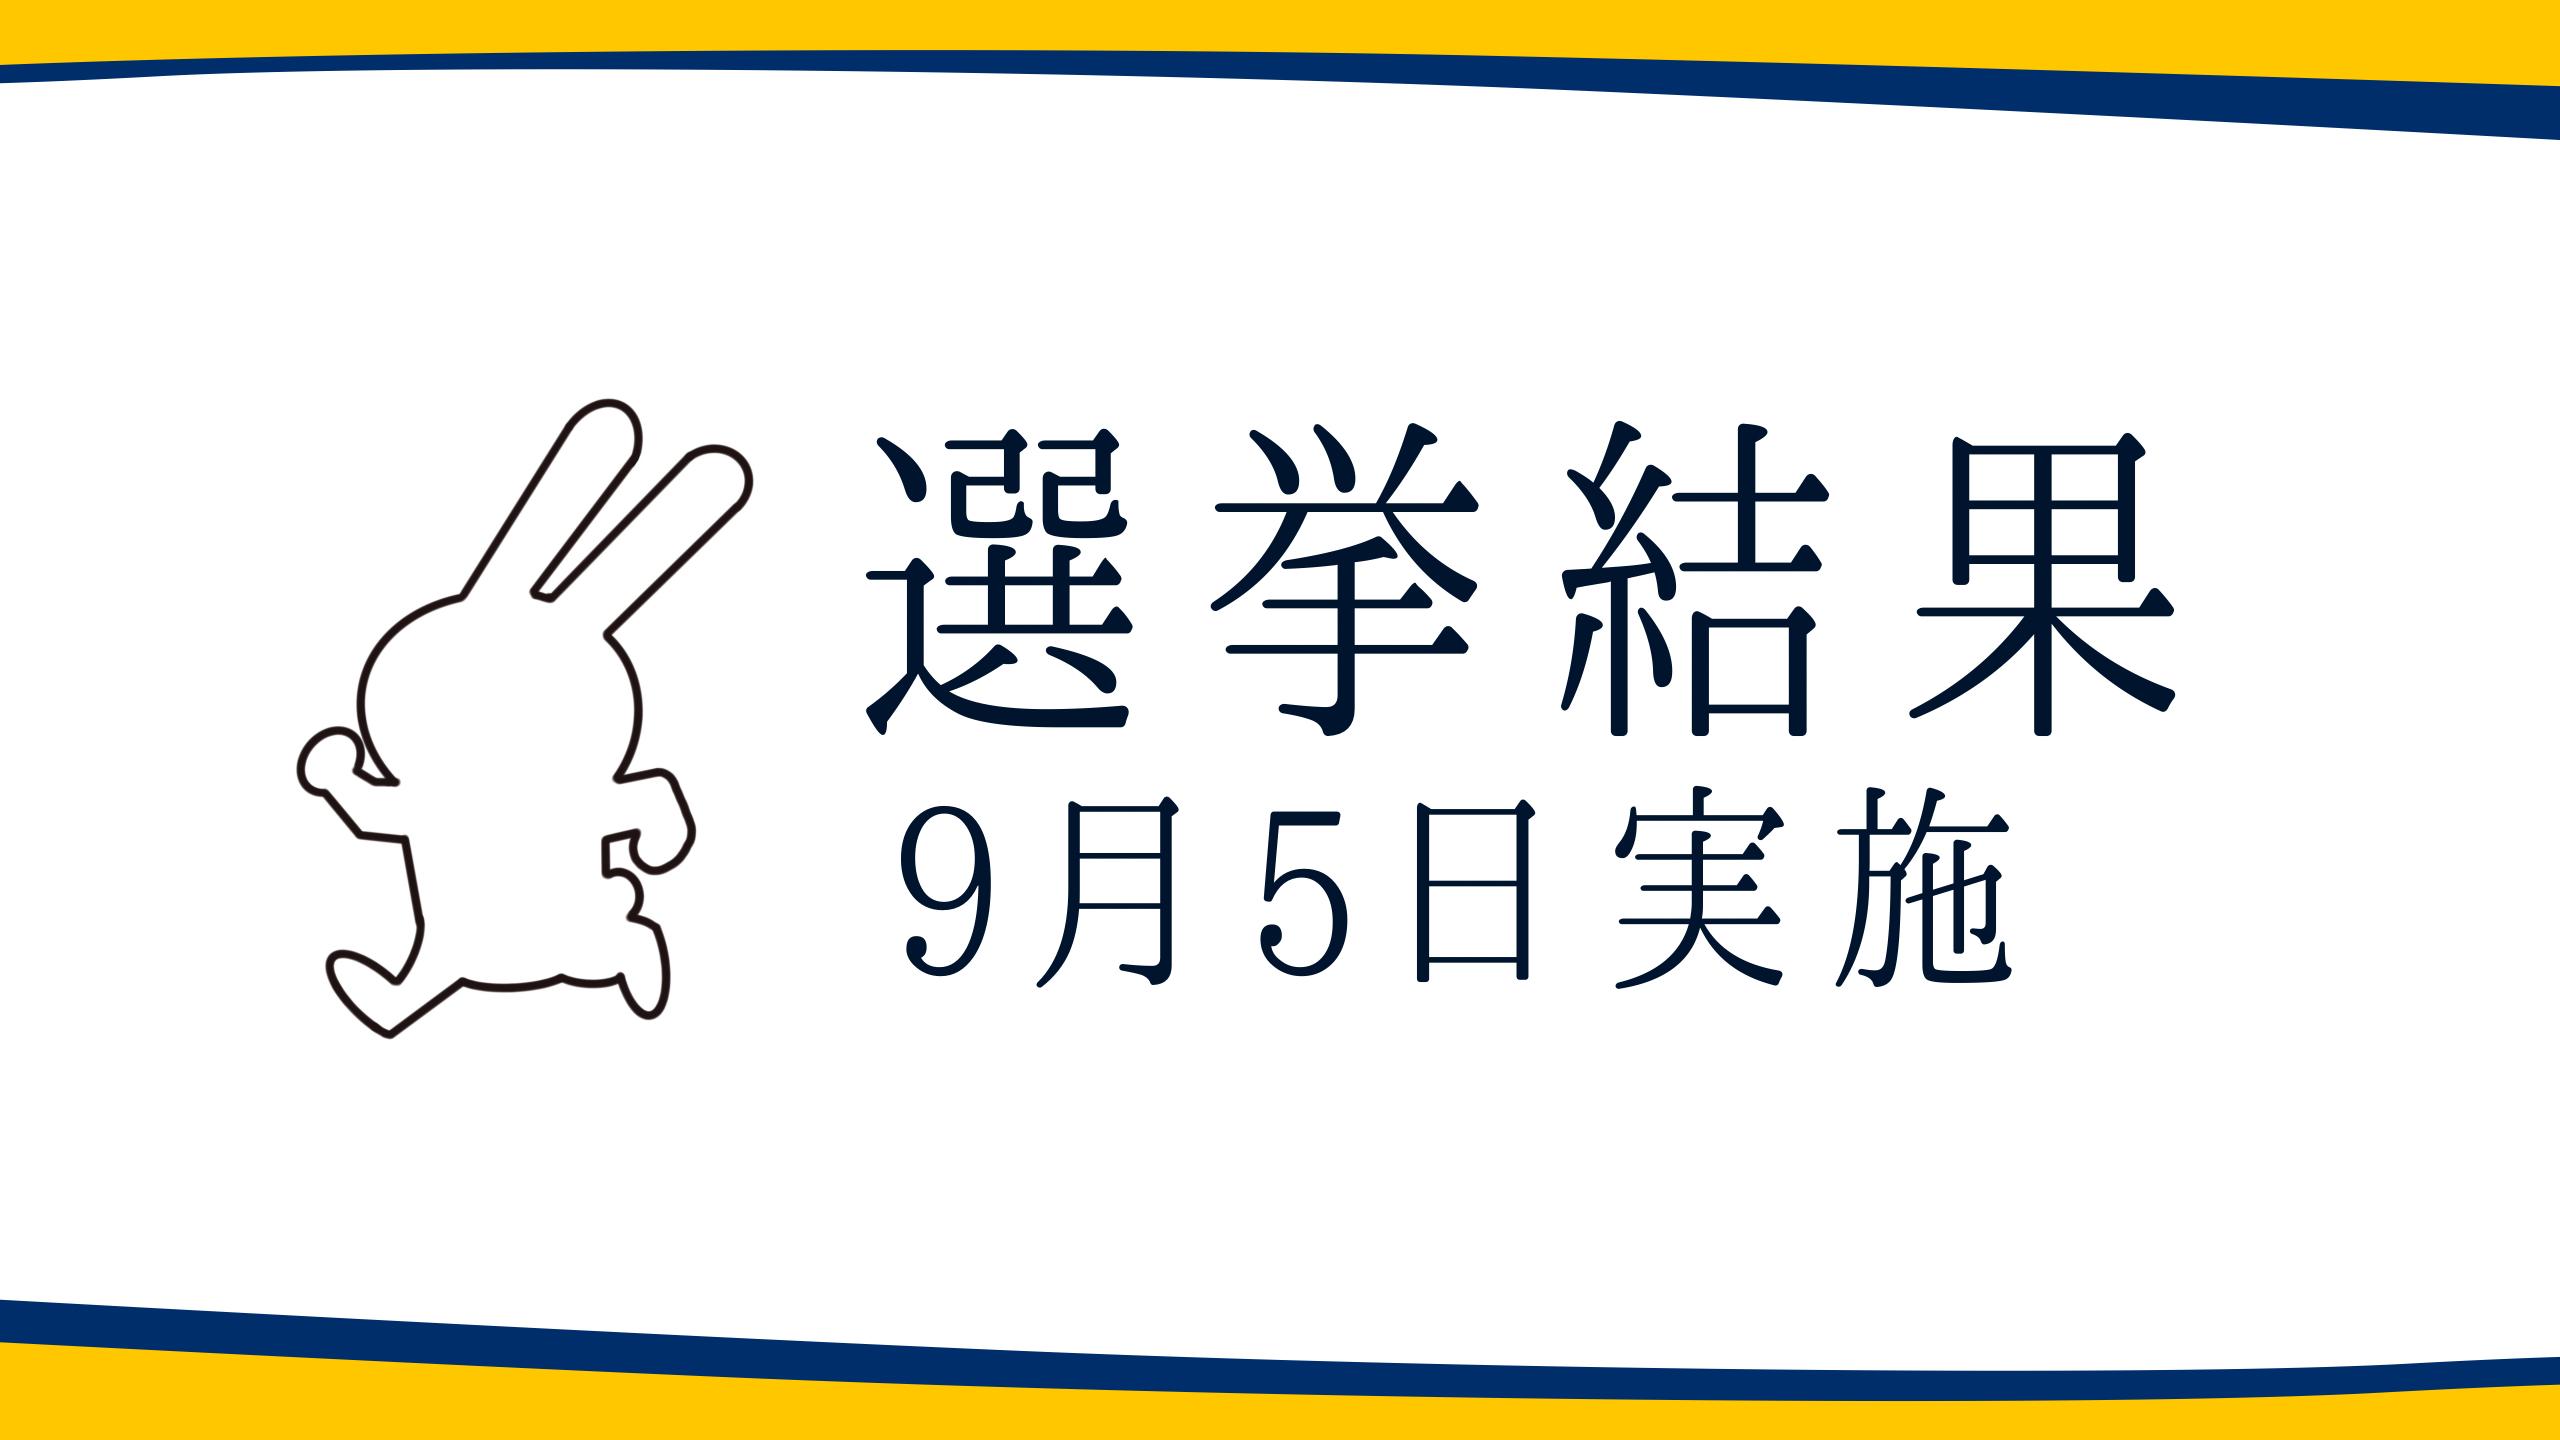 【選挙結果 9/5】茨城県知事選挙